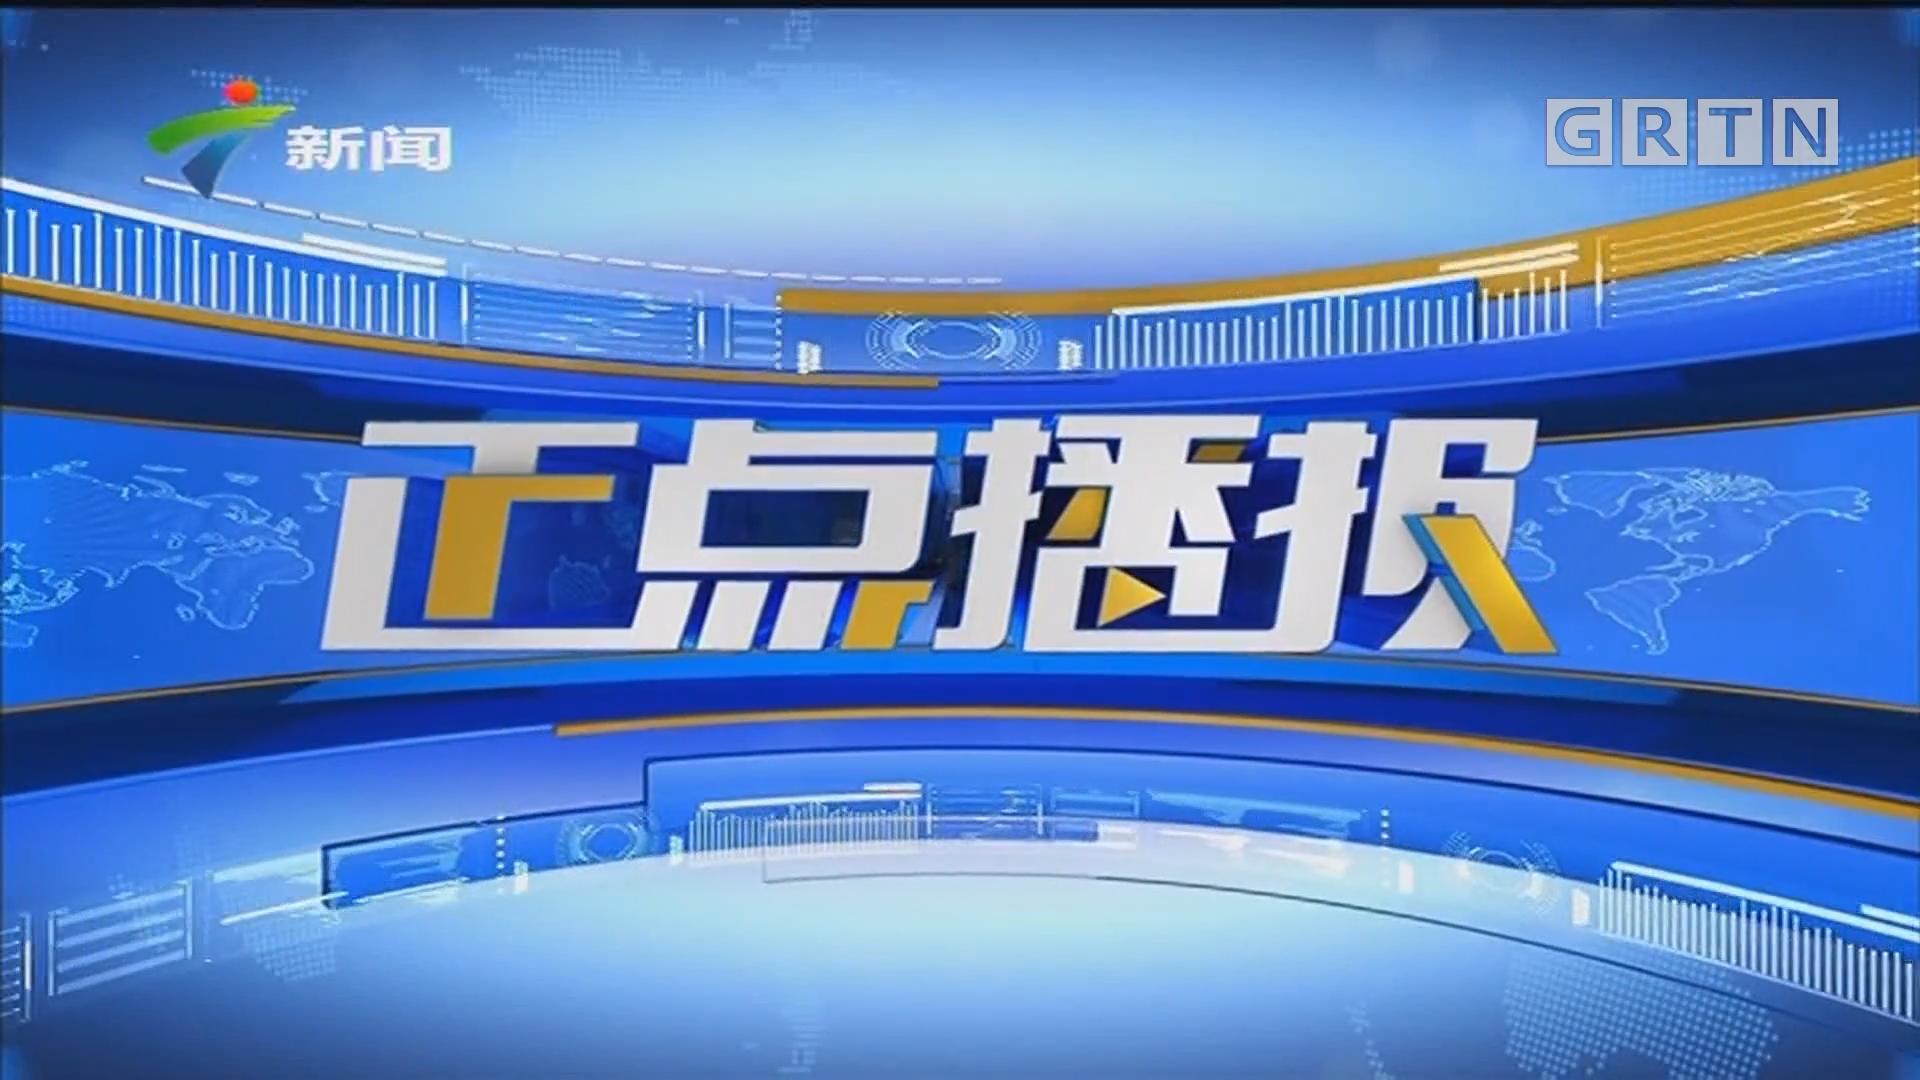 [HD][2019-08-15]正點播報:介紹非法示威集會造成影響:香港特區政府昨天舉行跨部門記者會